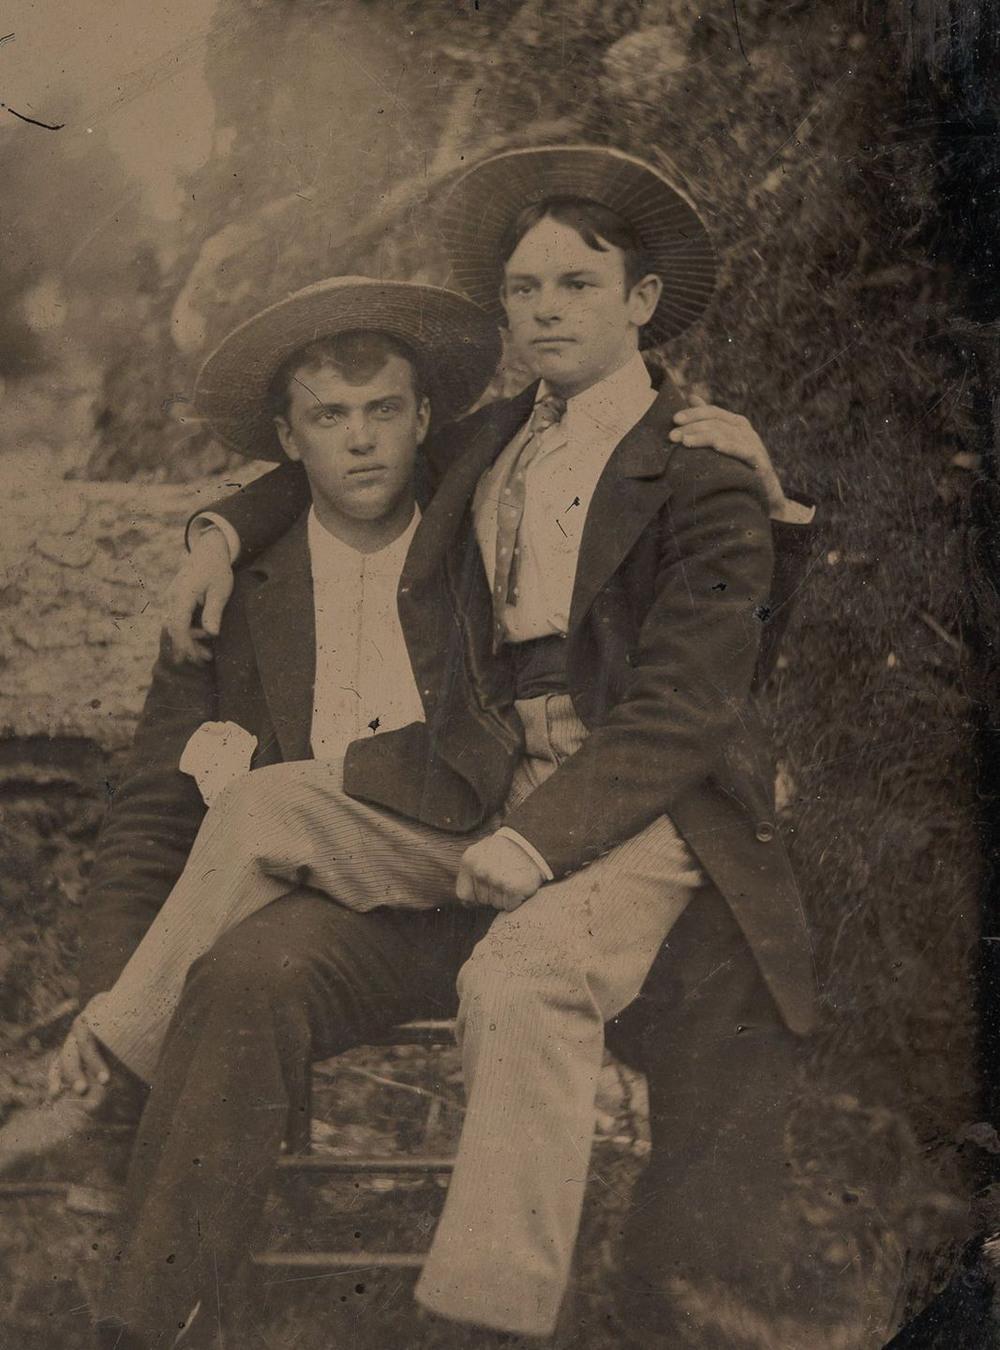 Броманс в викторианскую эпоху: интимные мужские объятия в редких фотографиях конца 1800-х годов  5